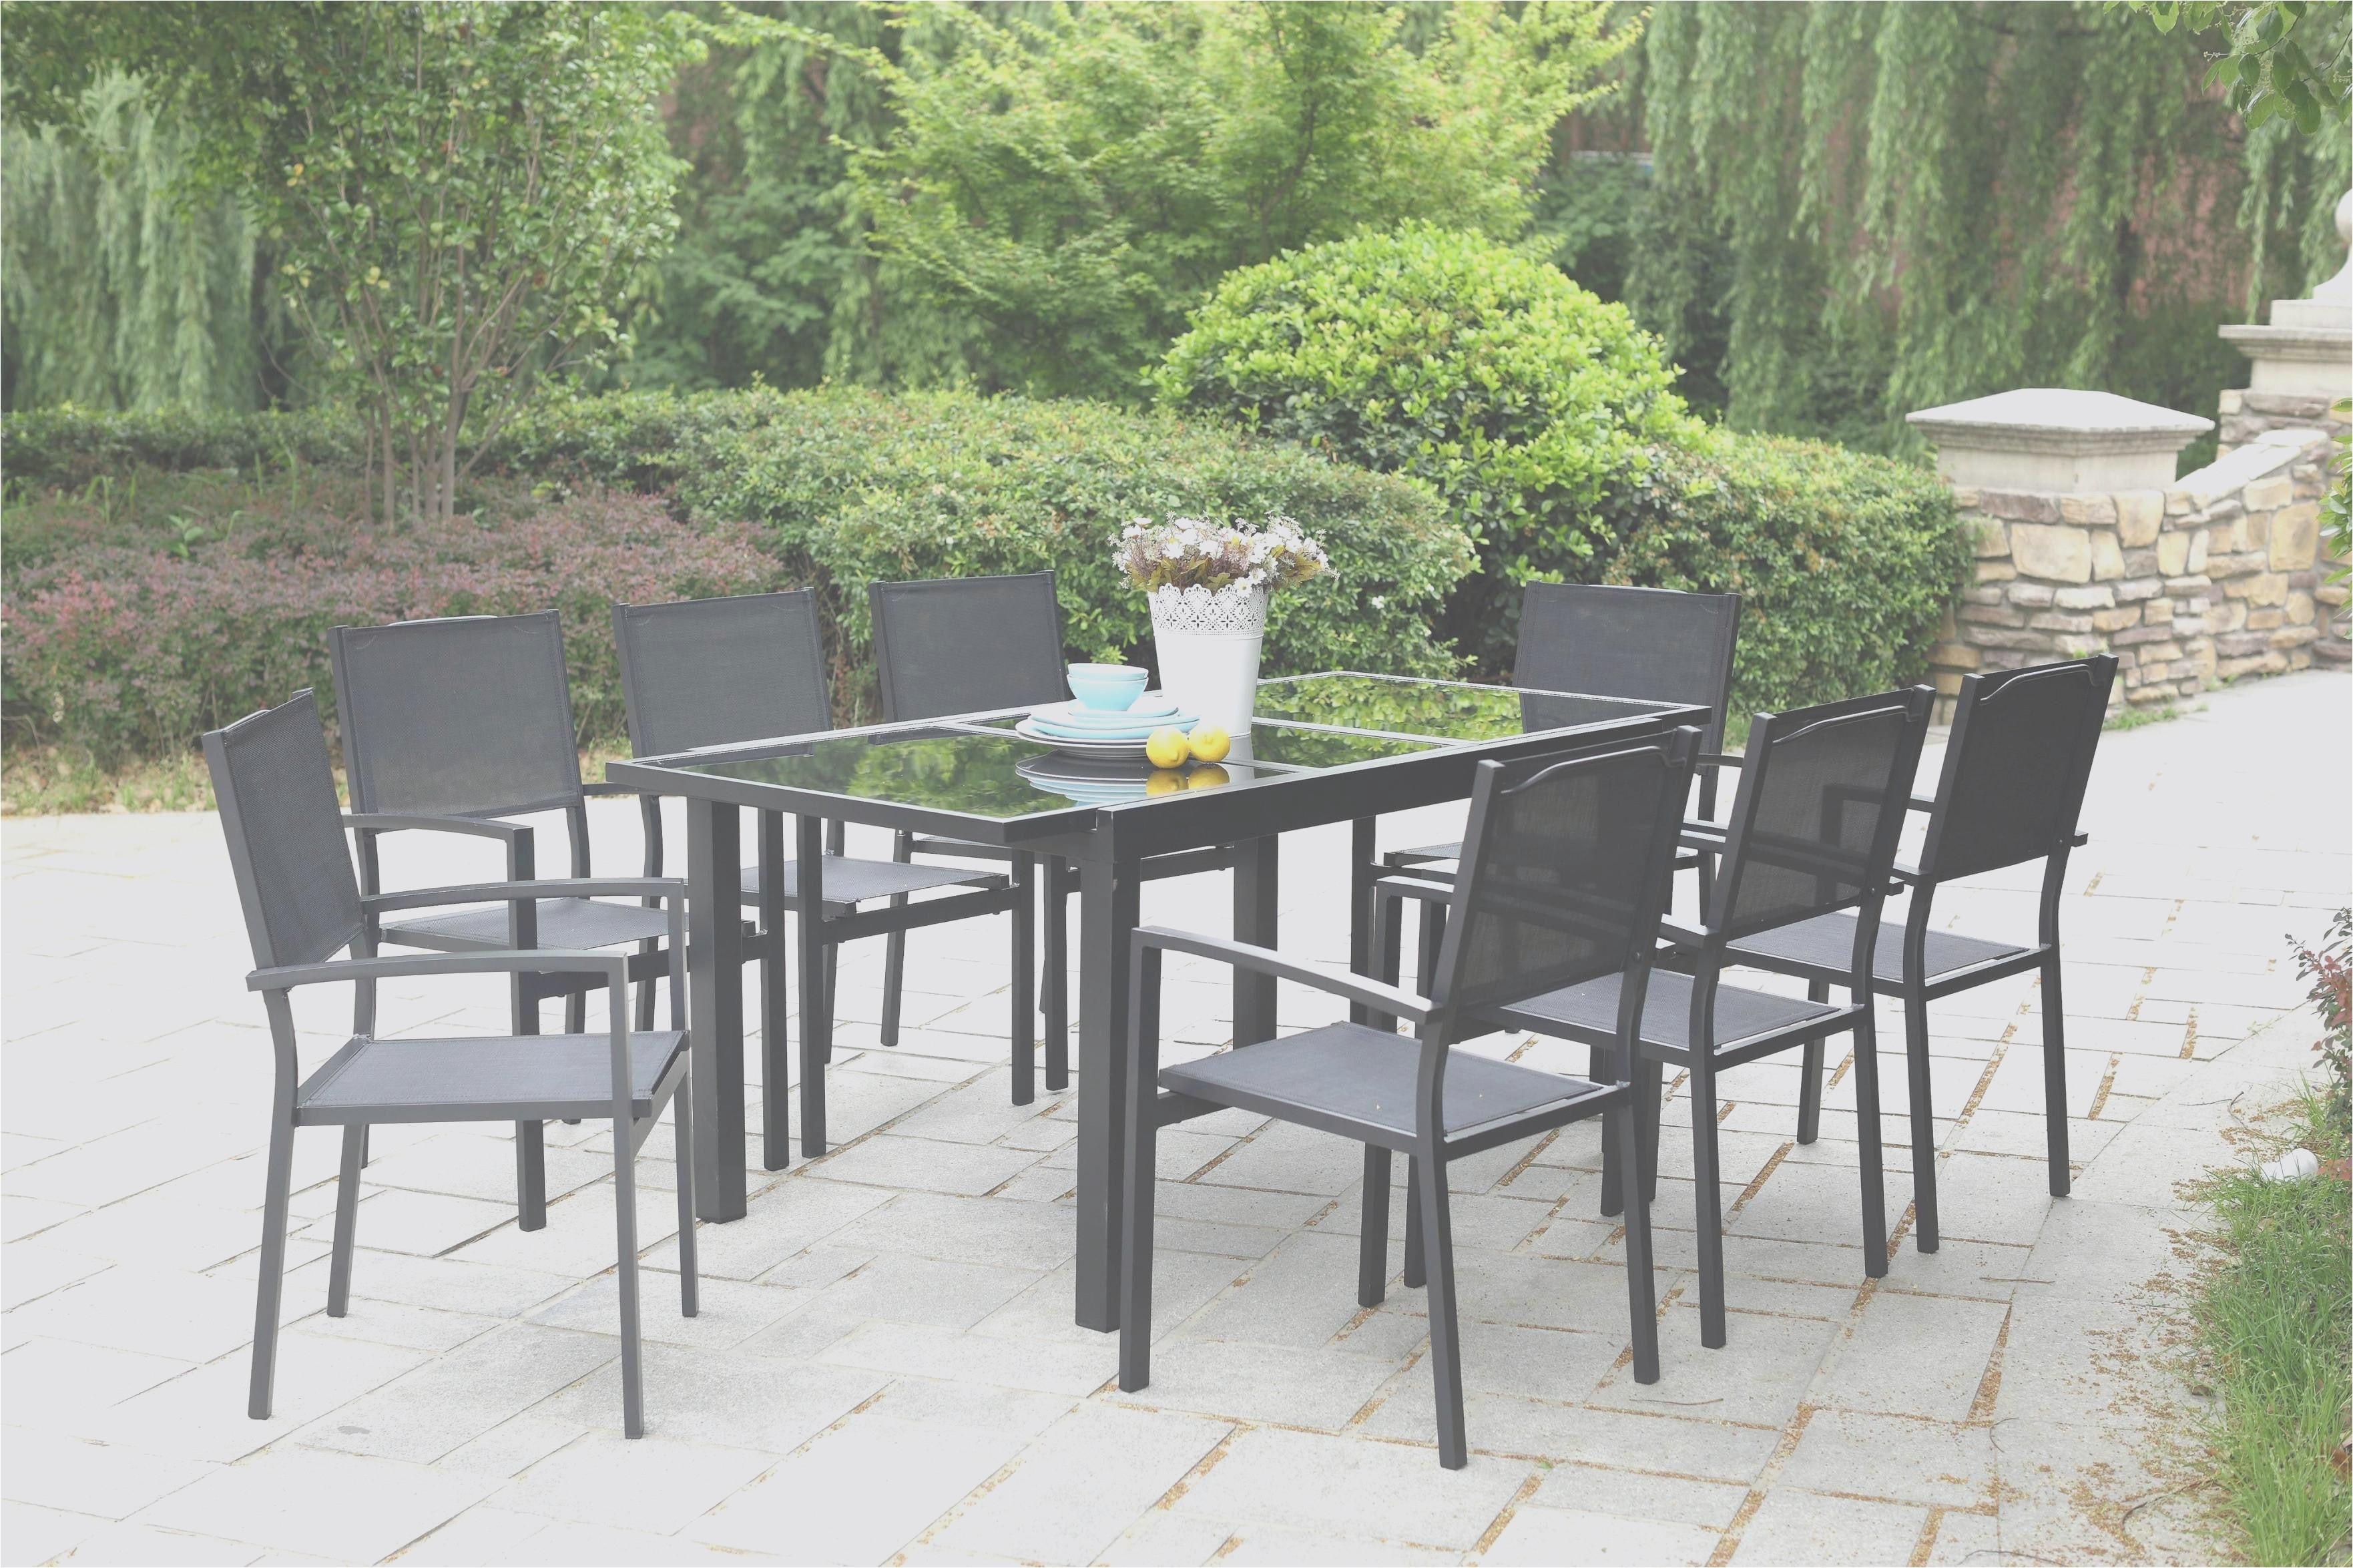 Dalles Jardin Castorama Luxe Stock Jardin D Ulysse Catalogue De Prévu Meilleur Table Jardin Castorama